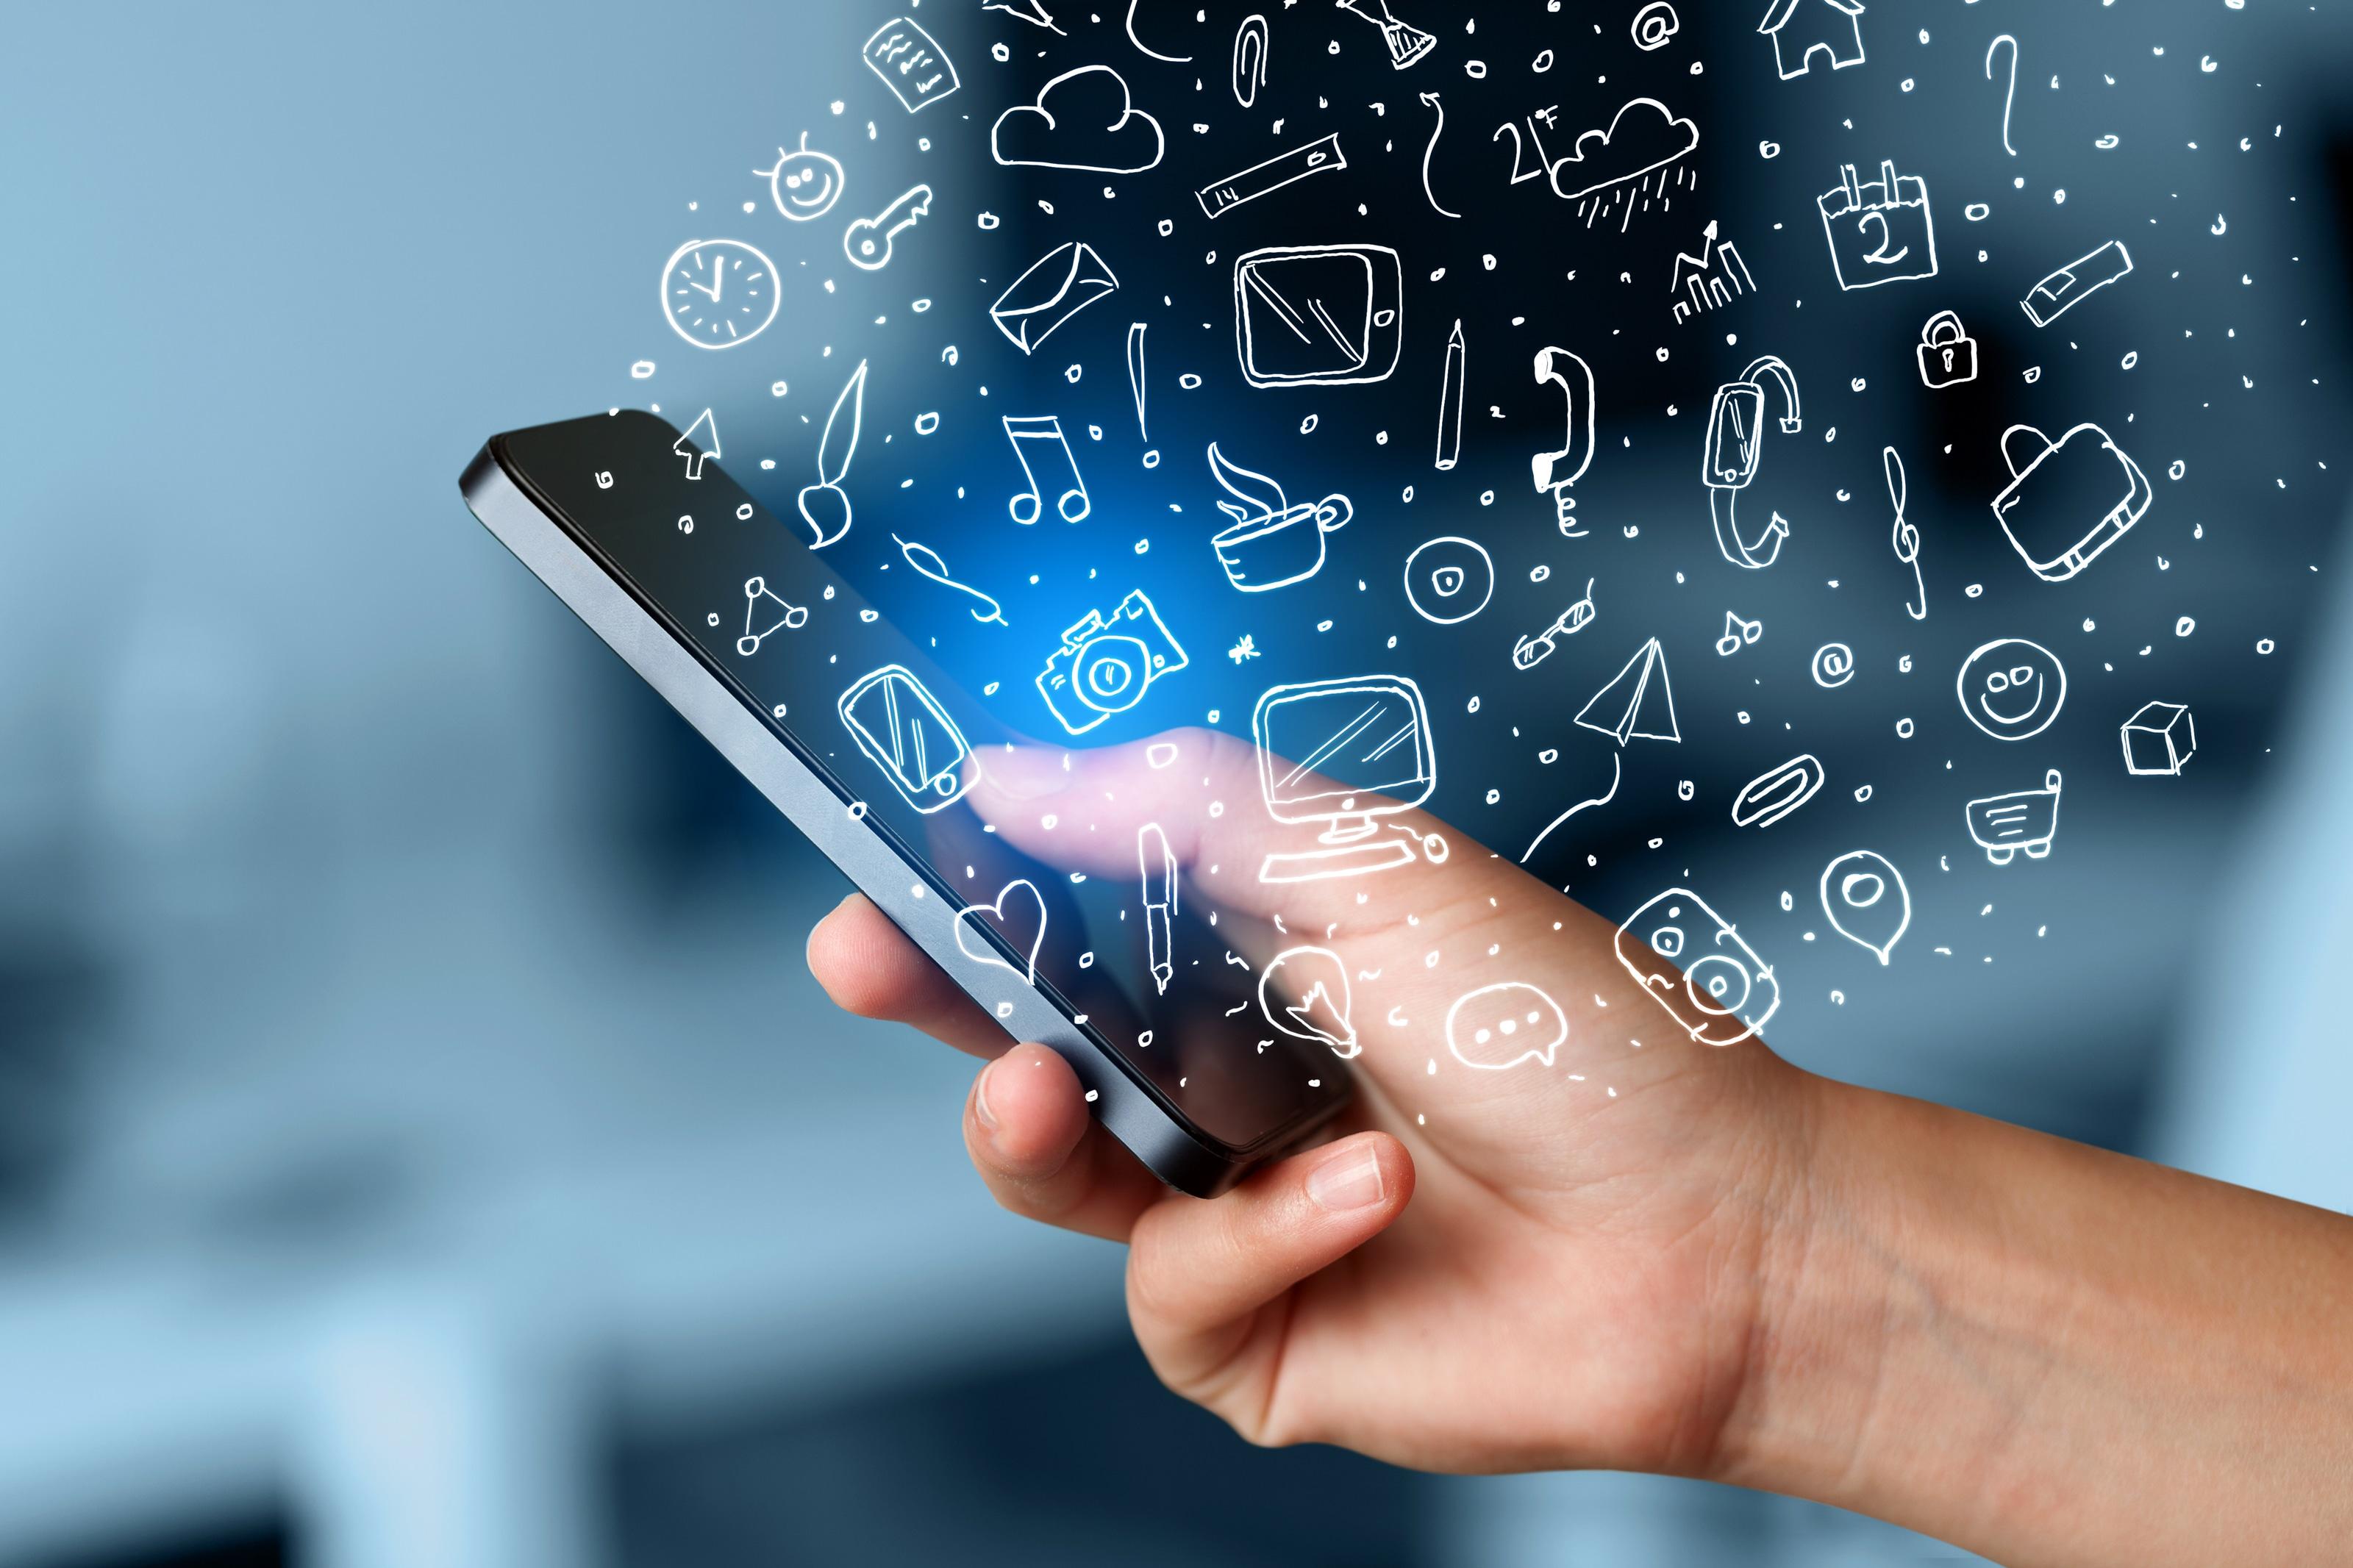 Mão segurando iPhone com vários ícones/símbolos